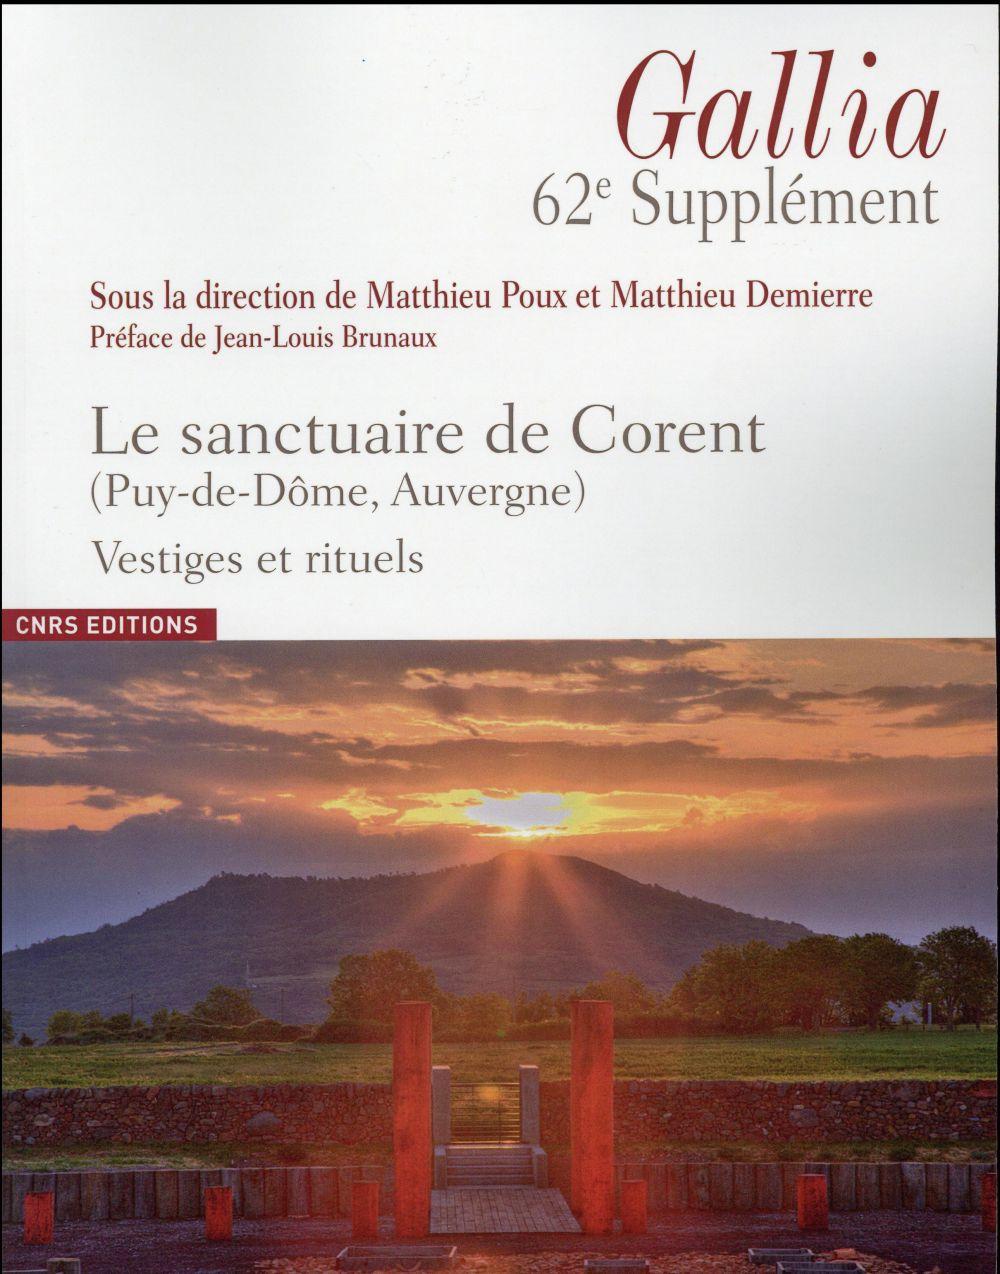 SUPPLEMENT A GALLIA 62 : LE SANCTUAIRE DE CORENT ( PUY-DE DOME, AUVERGNE) VESTIGES ET RITUELS